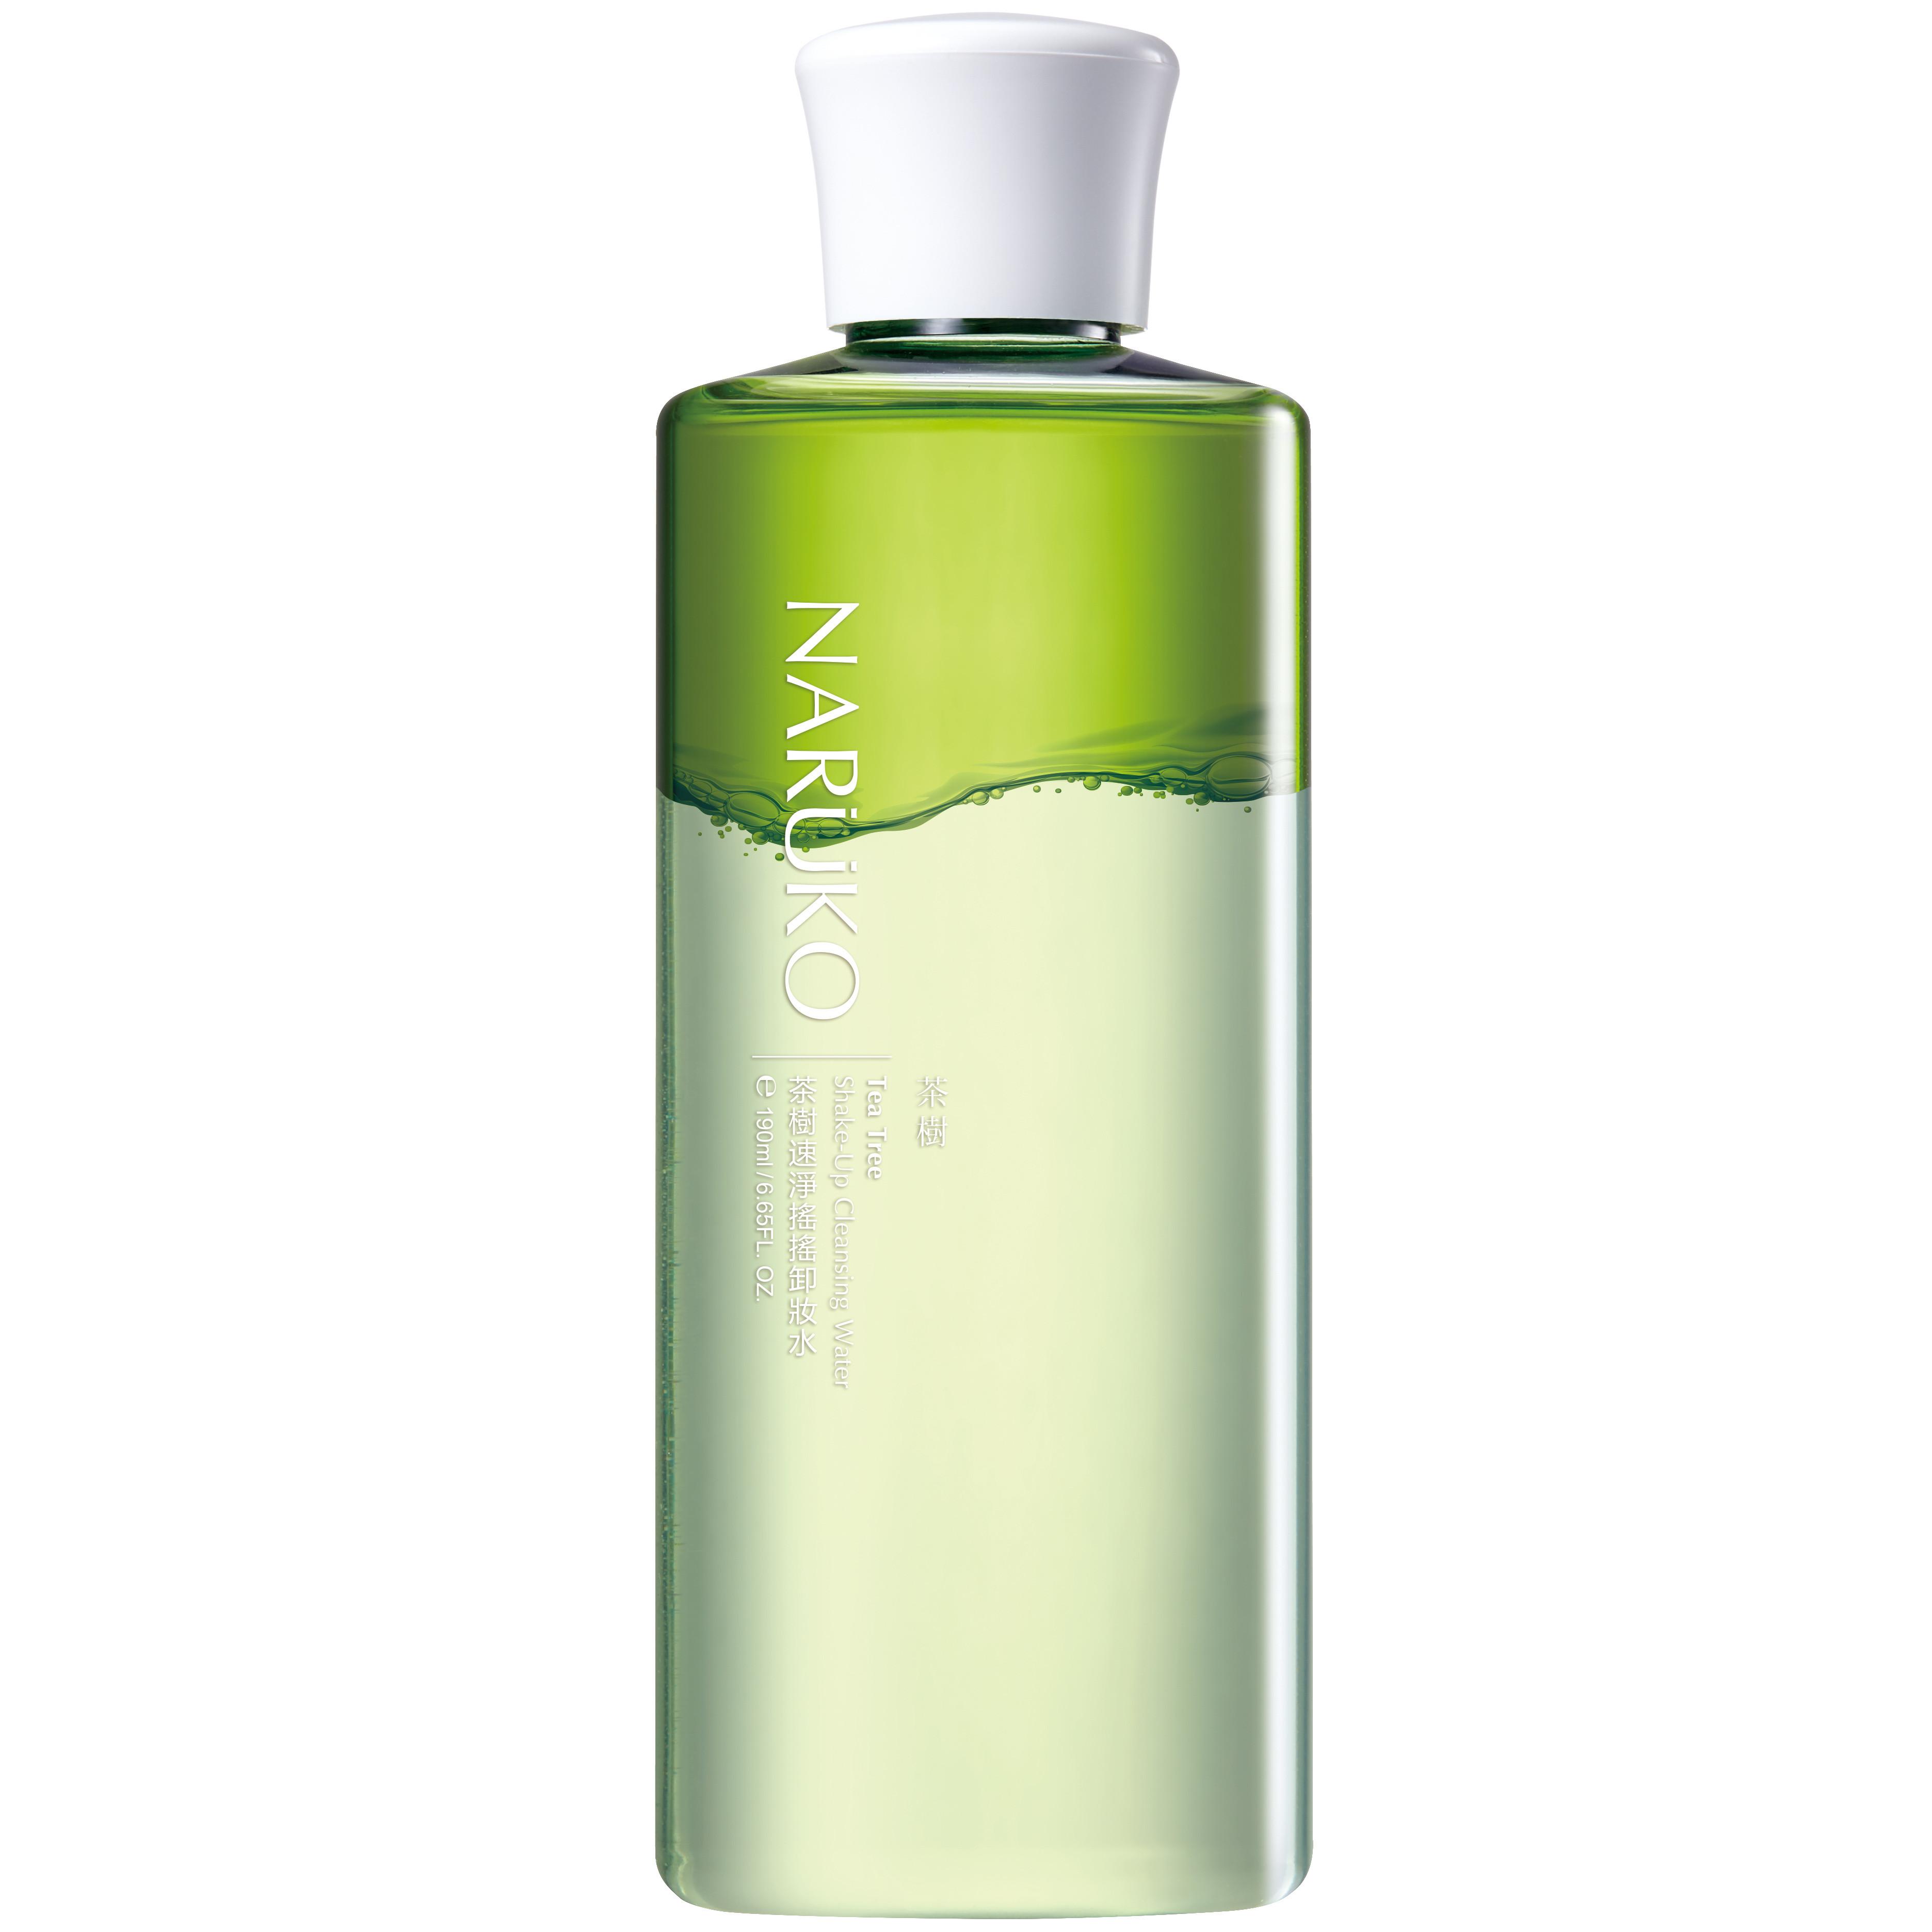 Naruko – Trà tràm – Nước tẩy trang 2 lớp – Tea Tree Shake-Up Cleansing Water 190ml